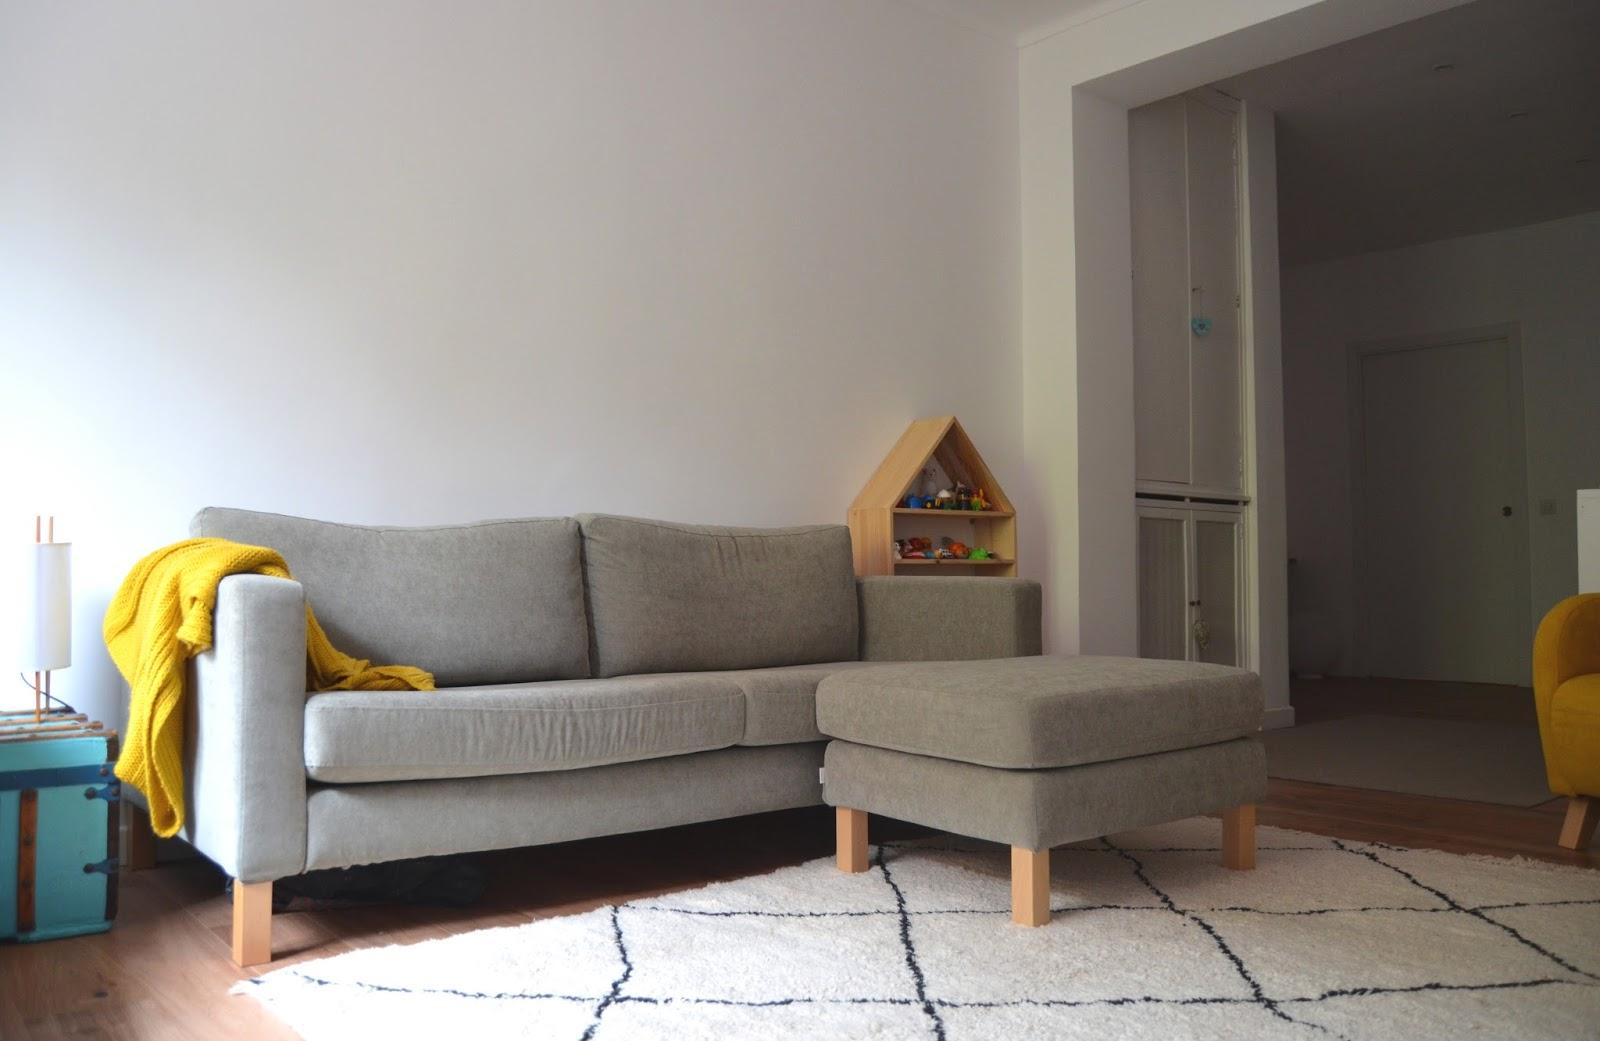 Naifandtastic decoraci n craft hecho a mano - Funda sofa blanca ...